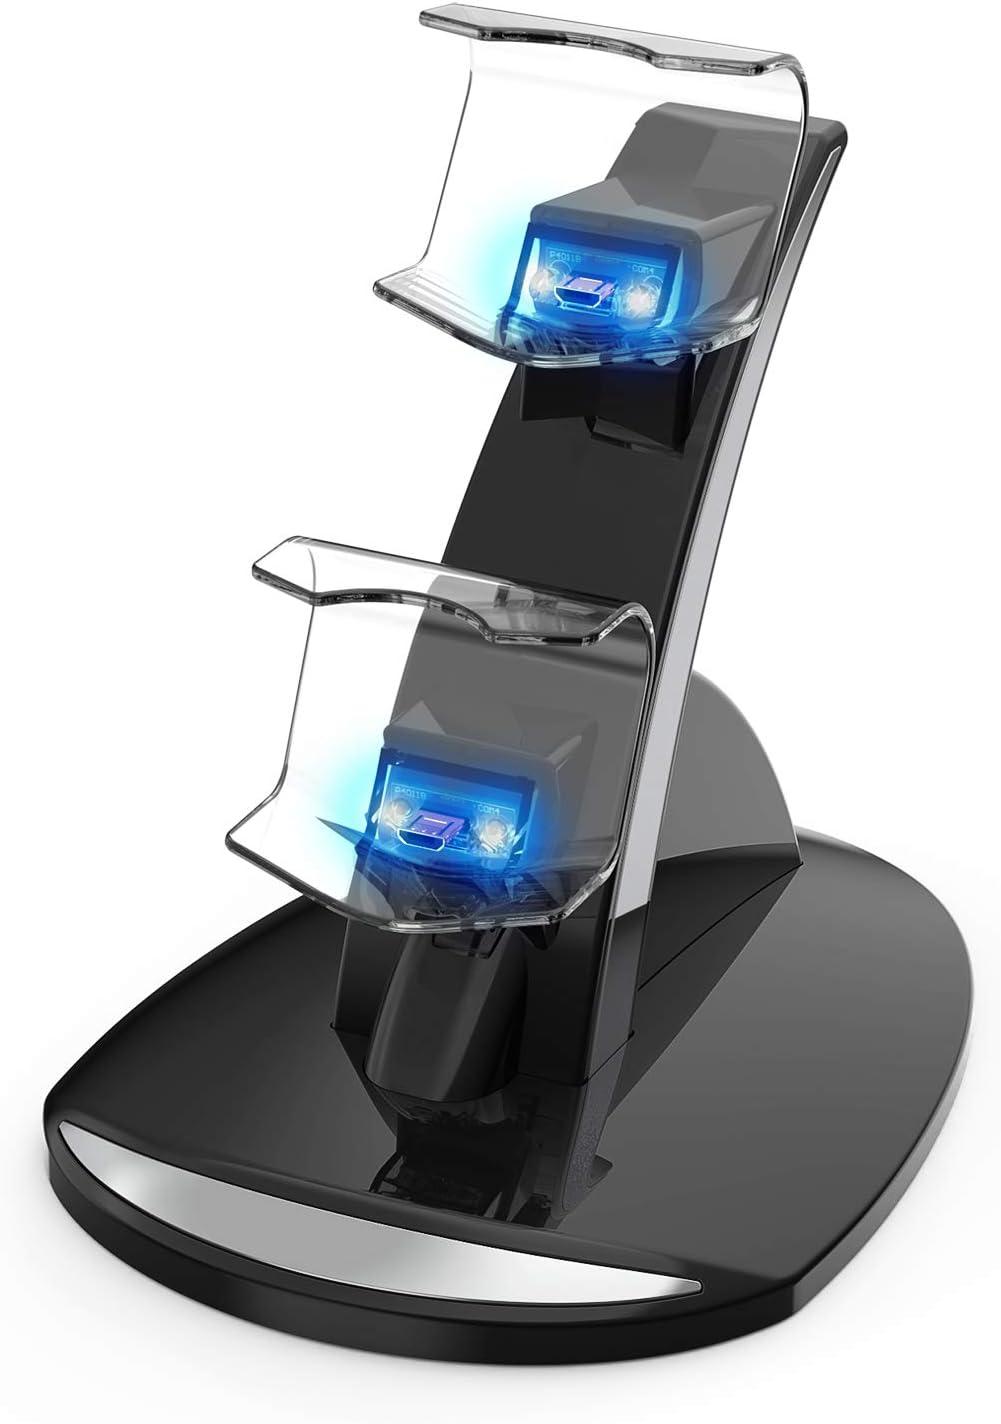 Amazon.com: PS4 - Cargador inalámbrico doble USB PS4 con ...